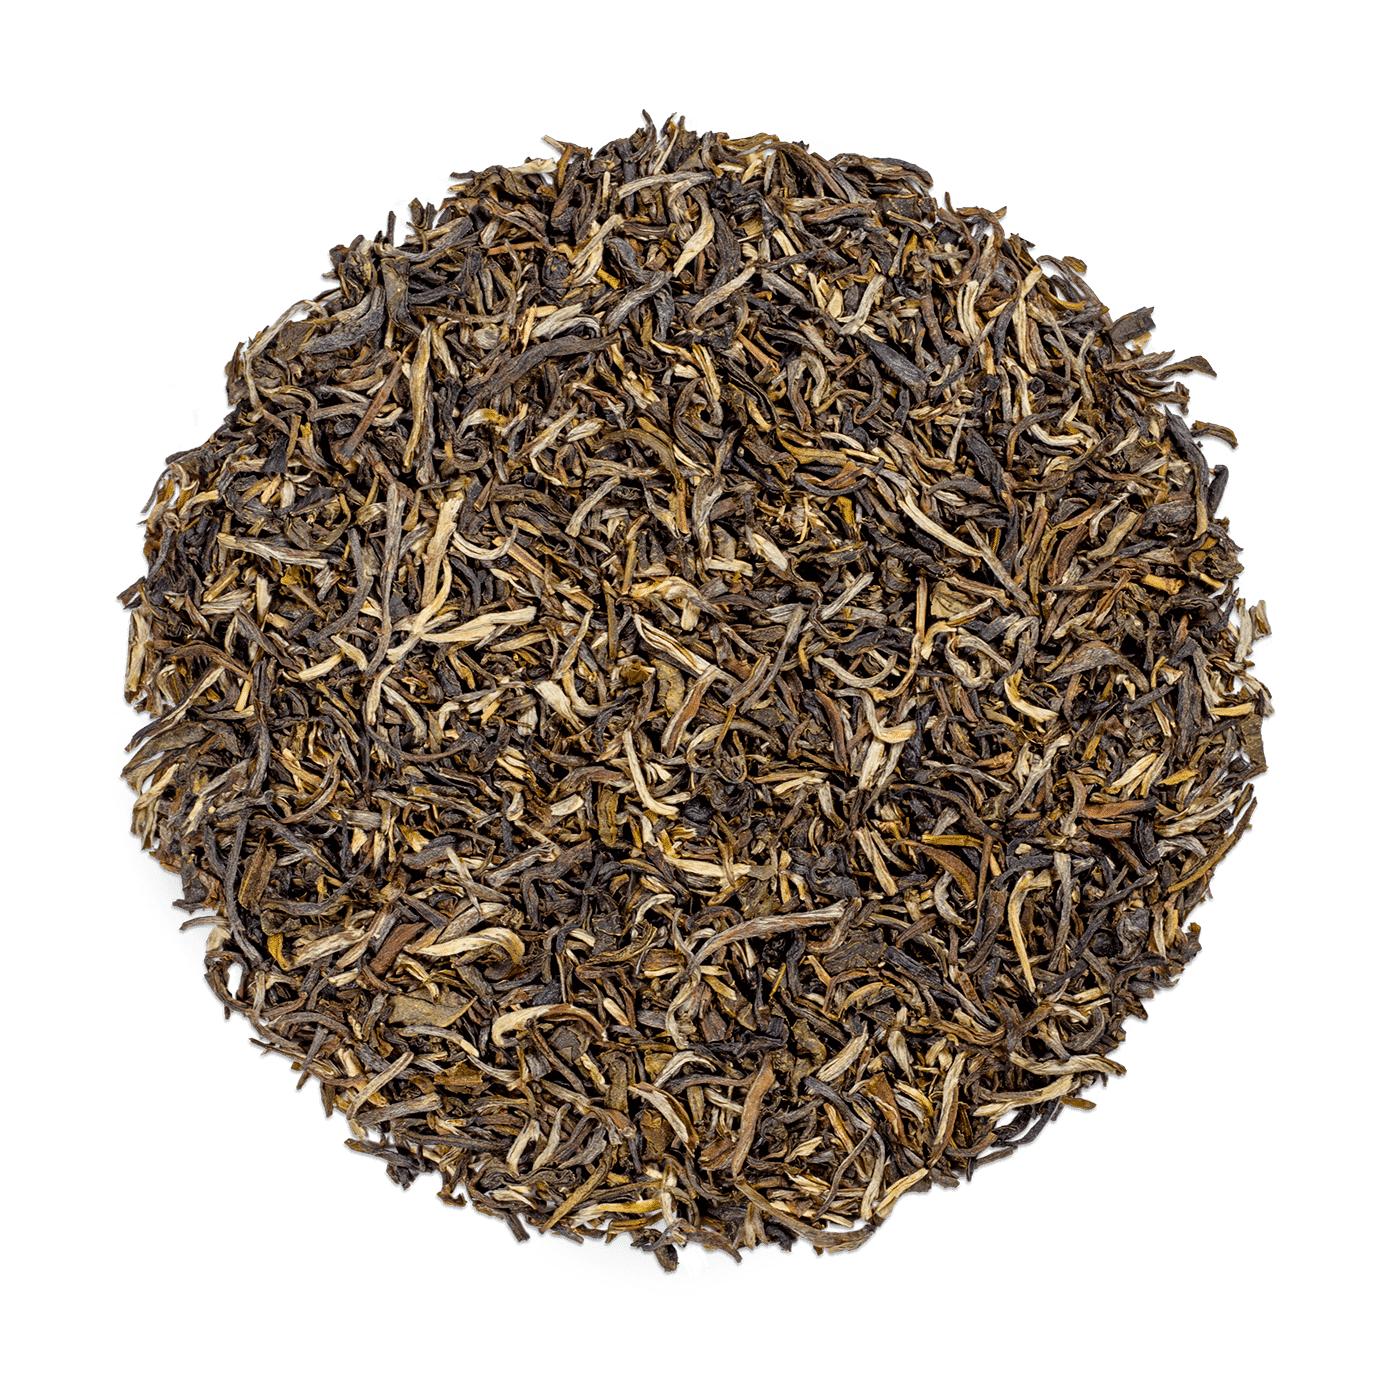 KUSMI TEA Blanc Pêche-Cassis bio - Thé blanc, pêche, cassis - Kusmi Tea